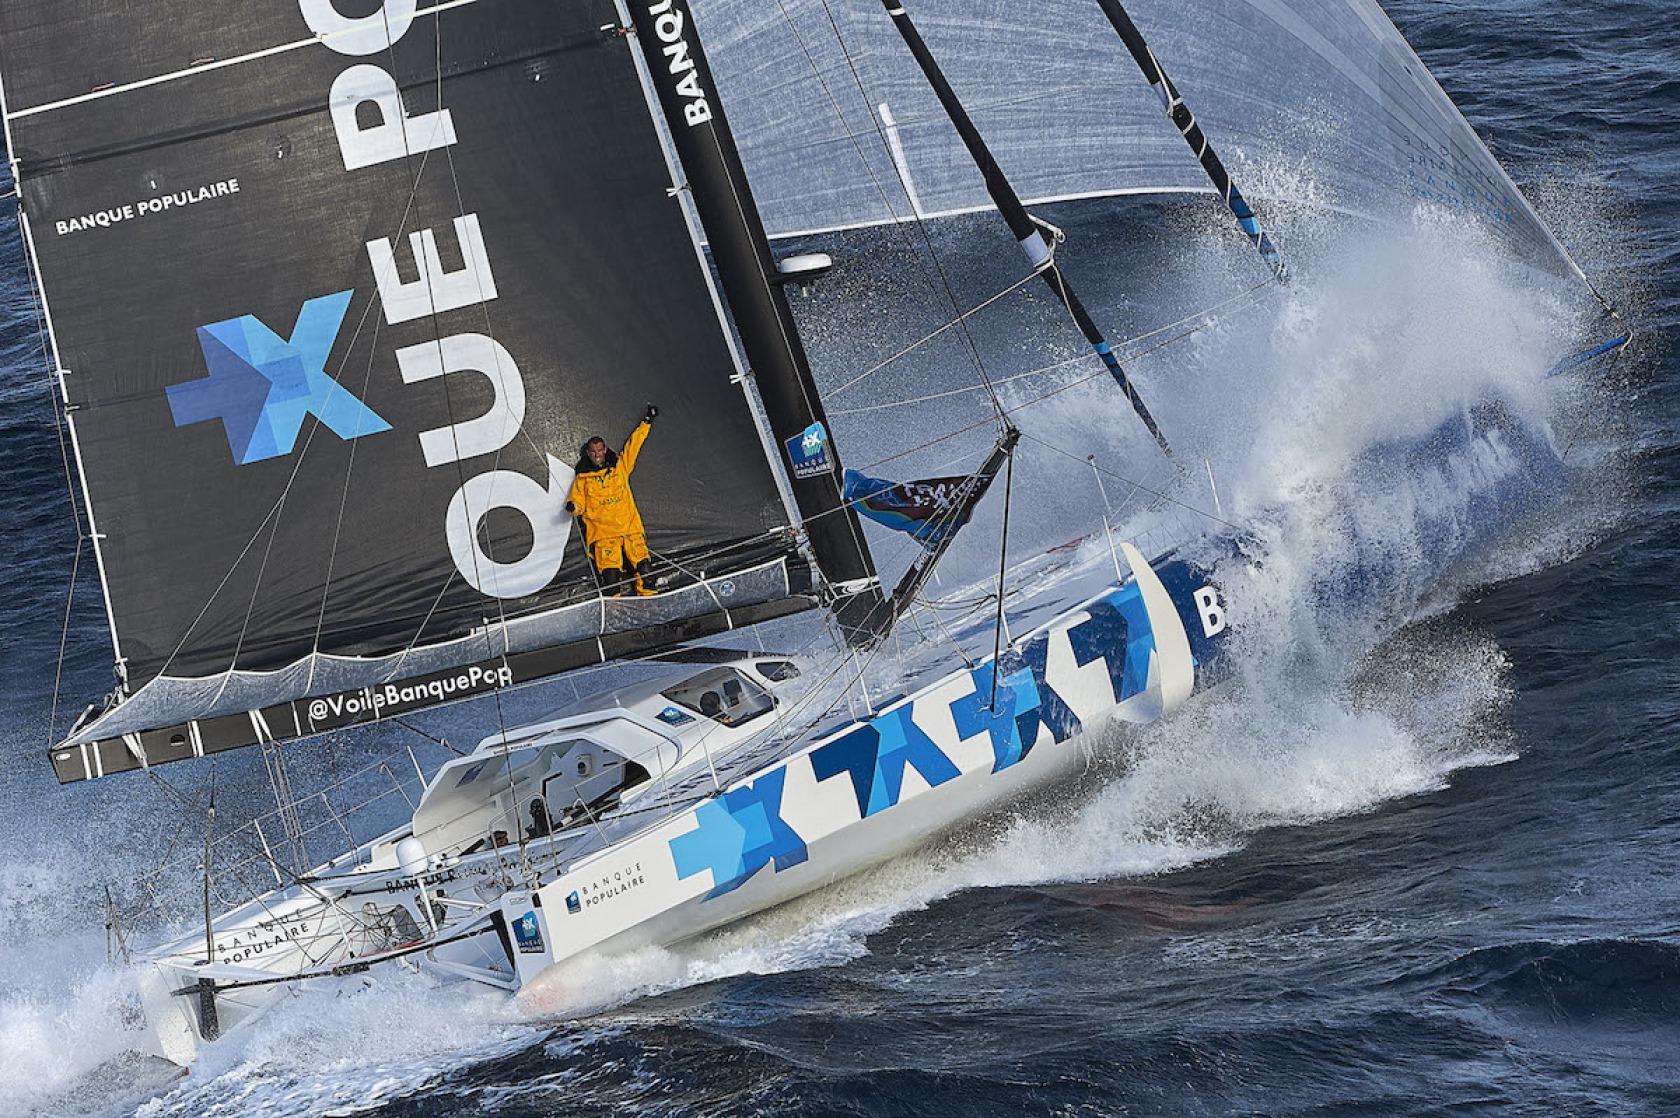 Actualit s six bateaux neufs construits aux quatre coins de l europe vend e globe - Armel le cleac h banque populaire ...